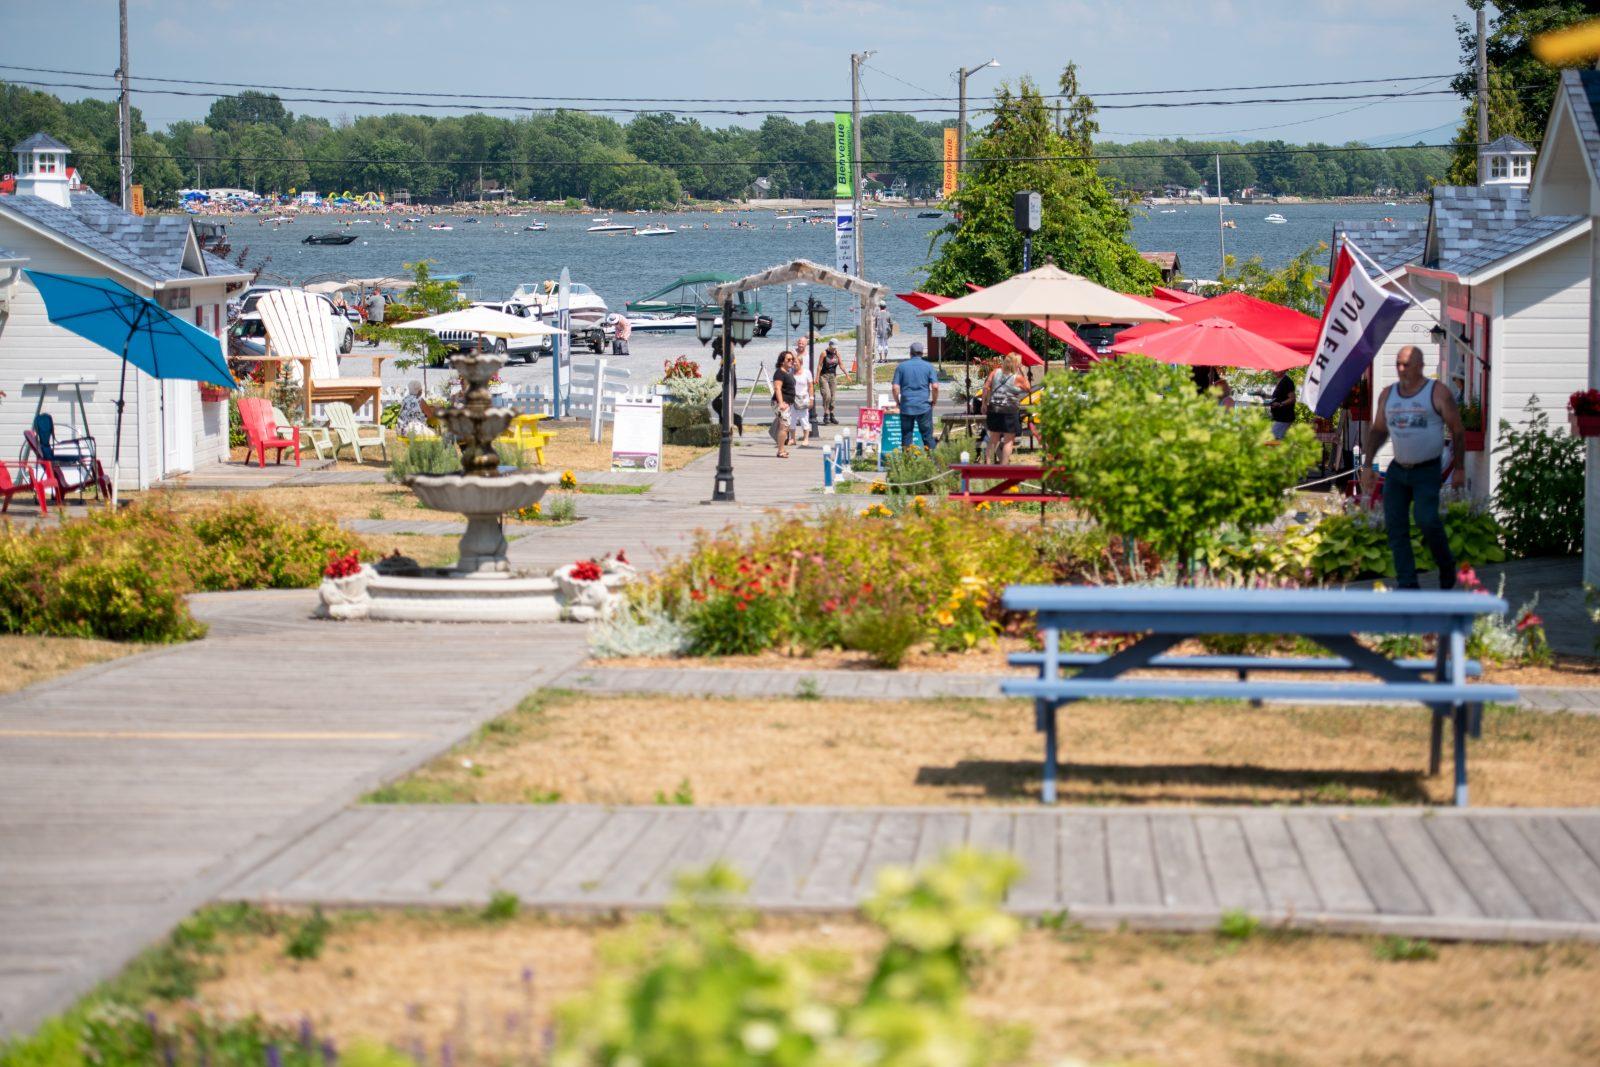 Le marché public de Venise-en-Québec fait peau neuve